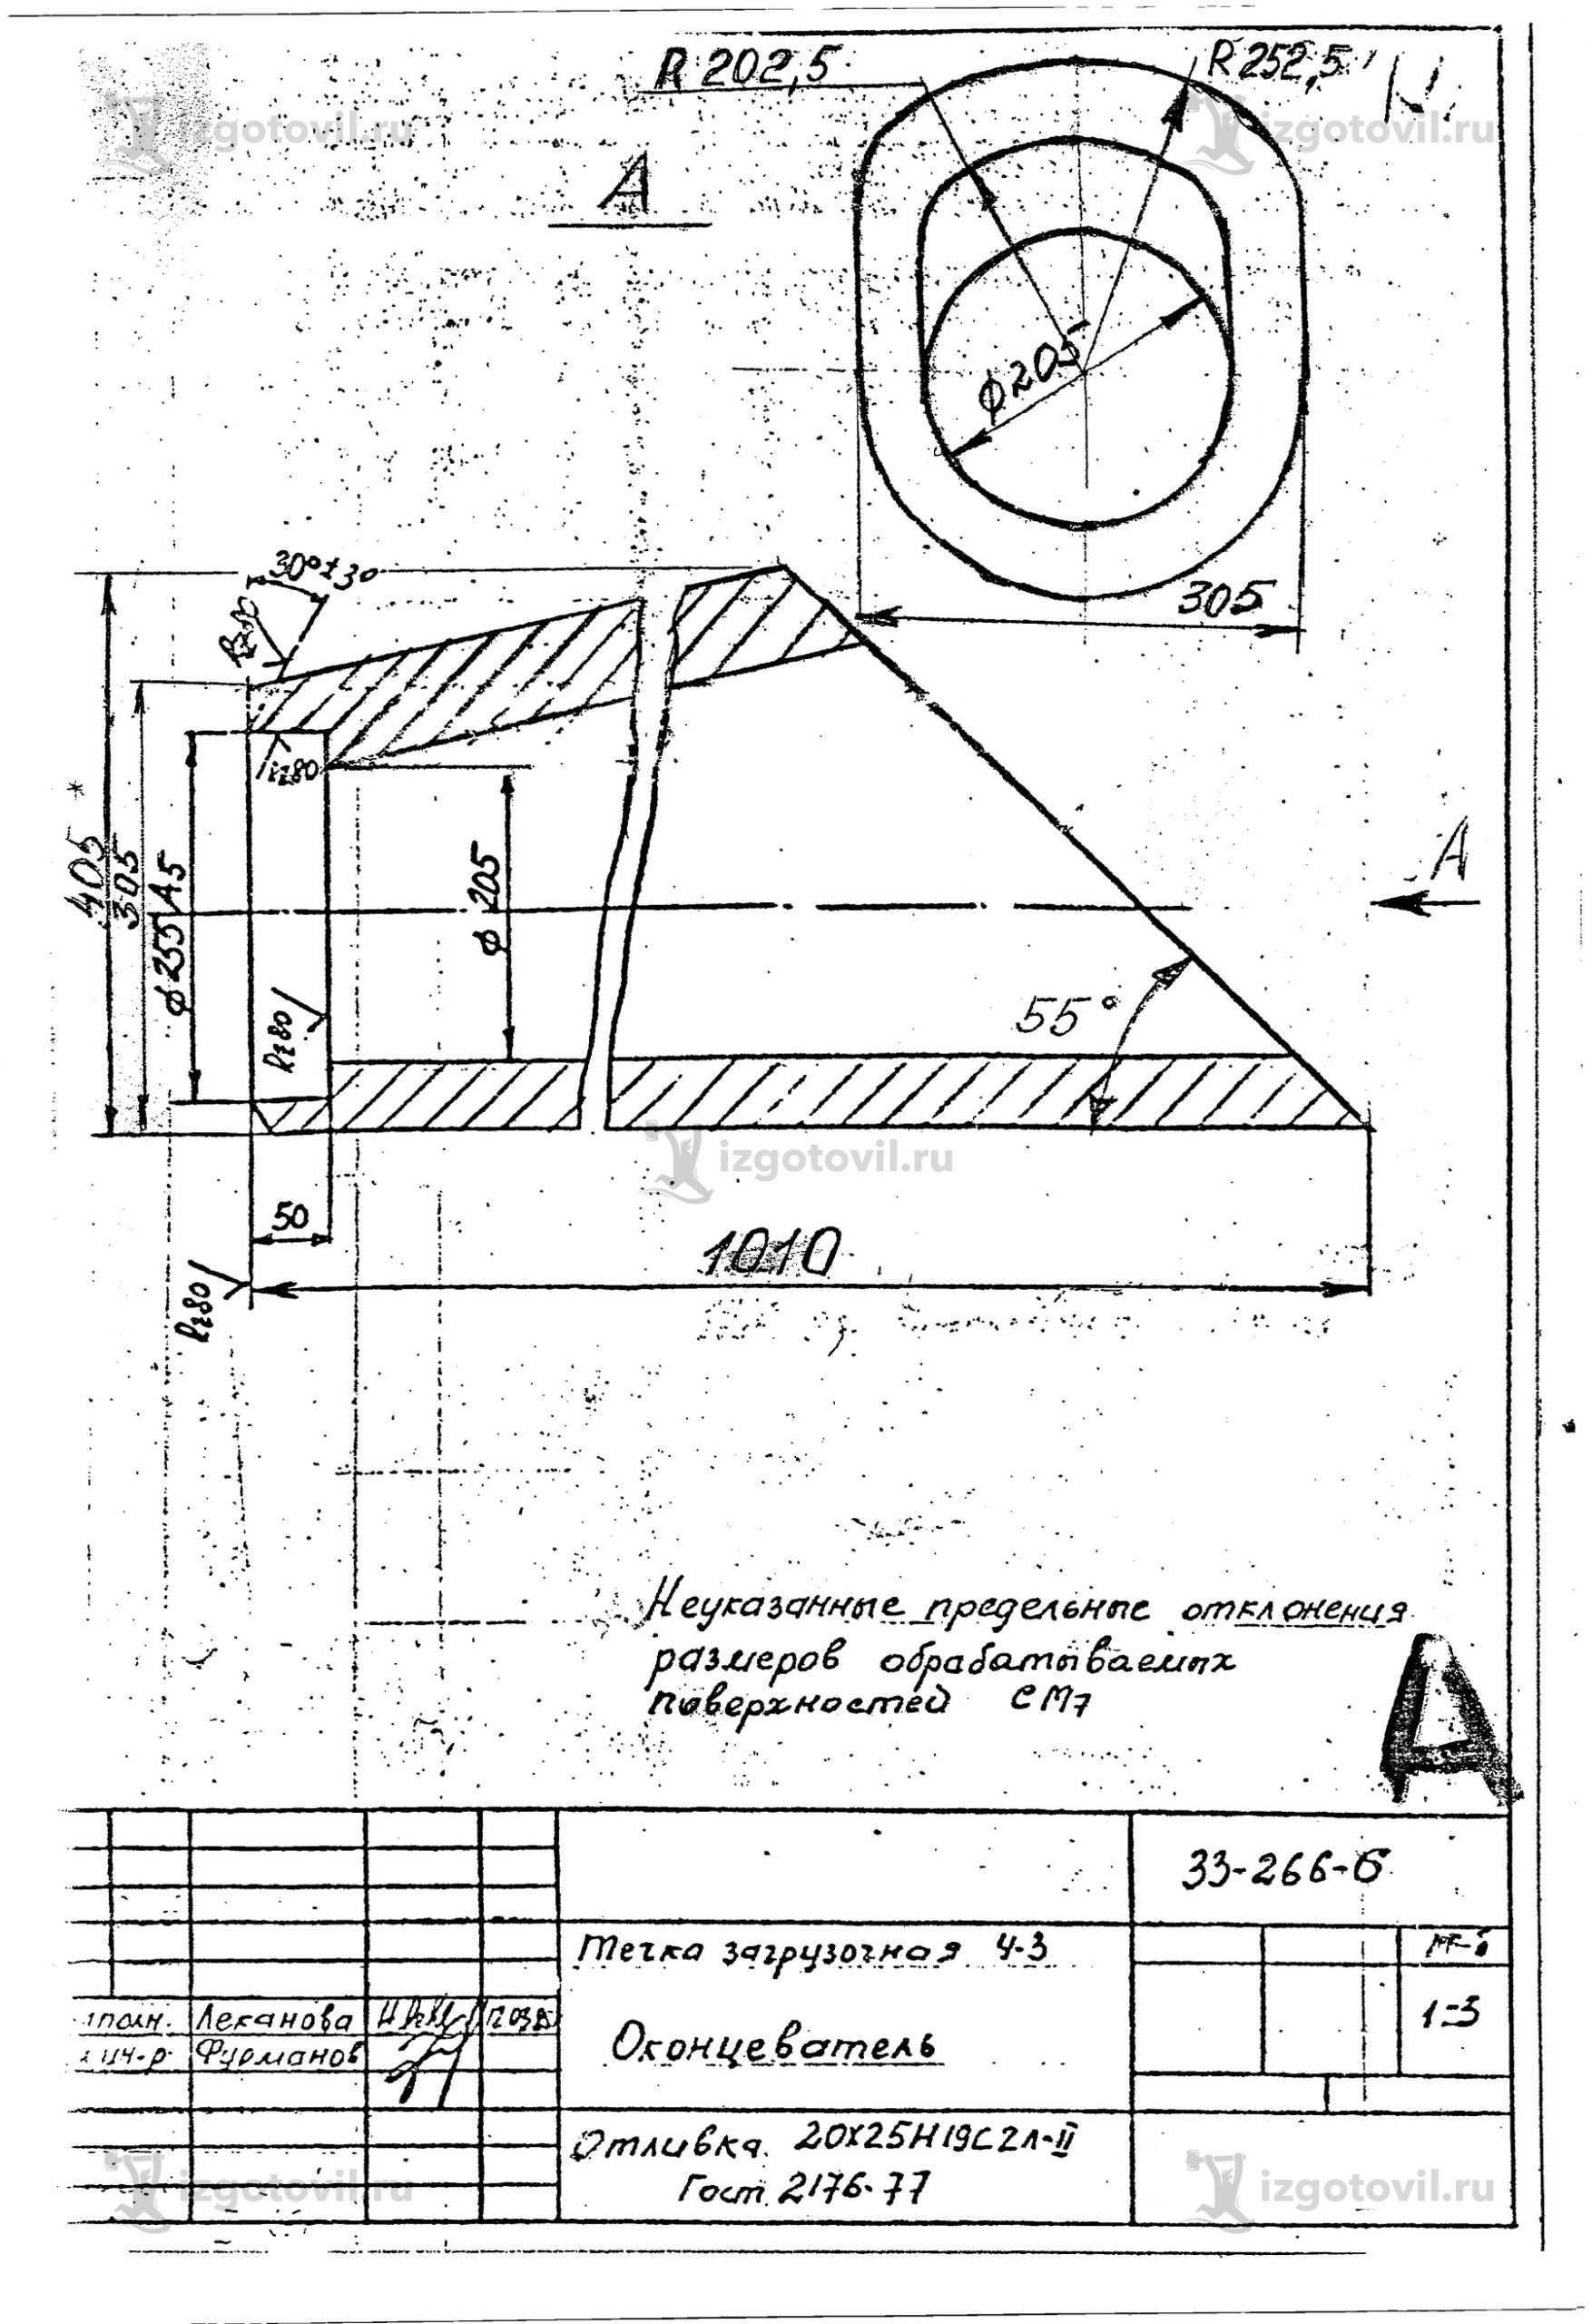 Изготовление технологических деталей (течка загрузочная).